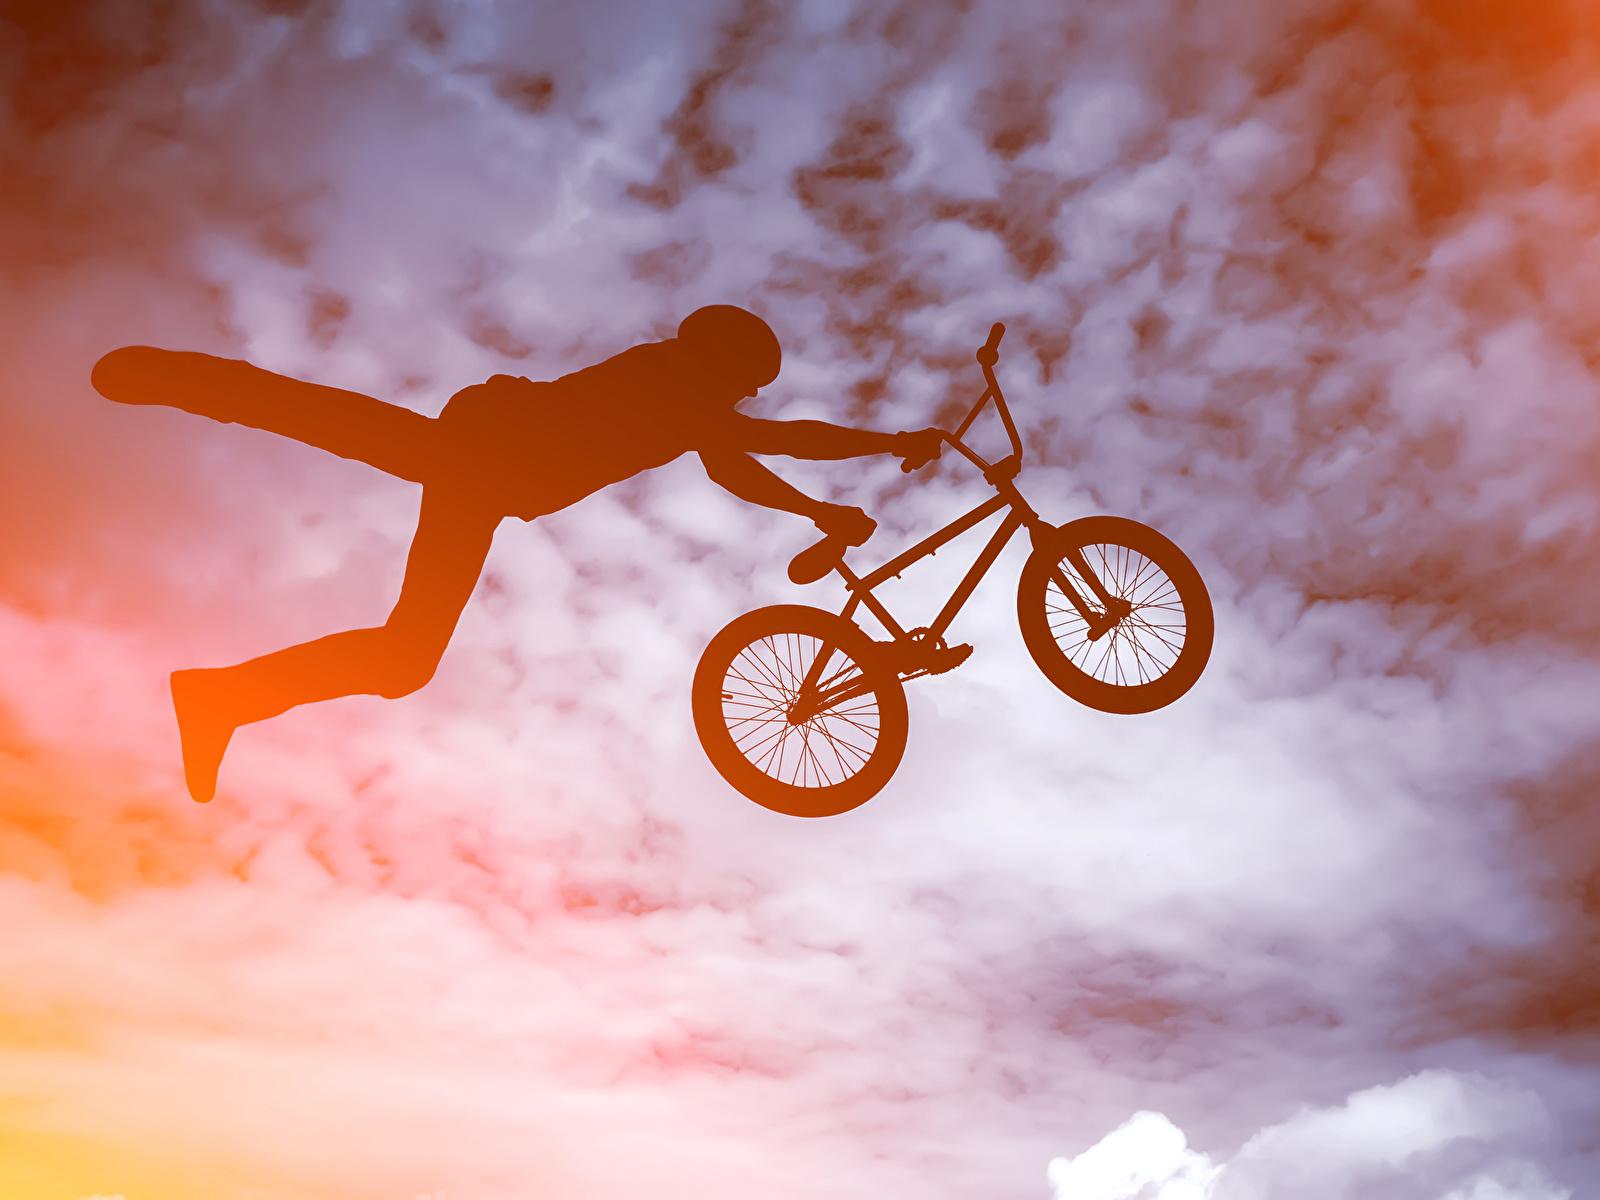 Картинка Мужчины Силуэт велосипеды Спорт Прыжок 1600x1200 силуэты силуэта Велосипед велосипеде спортивный спортивная спортивные прыгает прыгать в прыжке